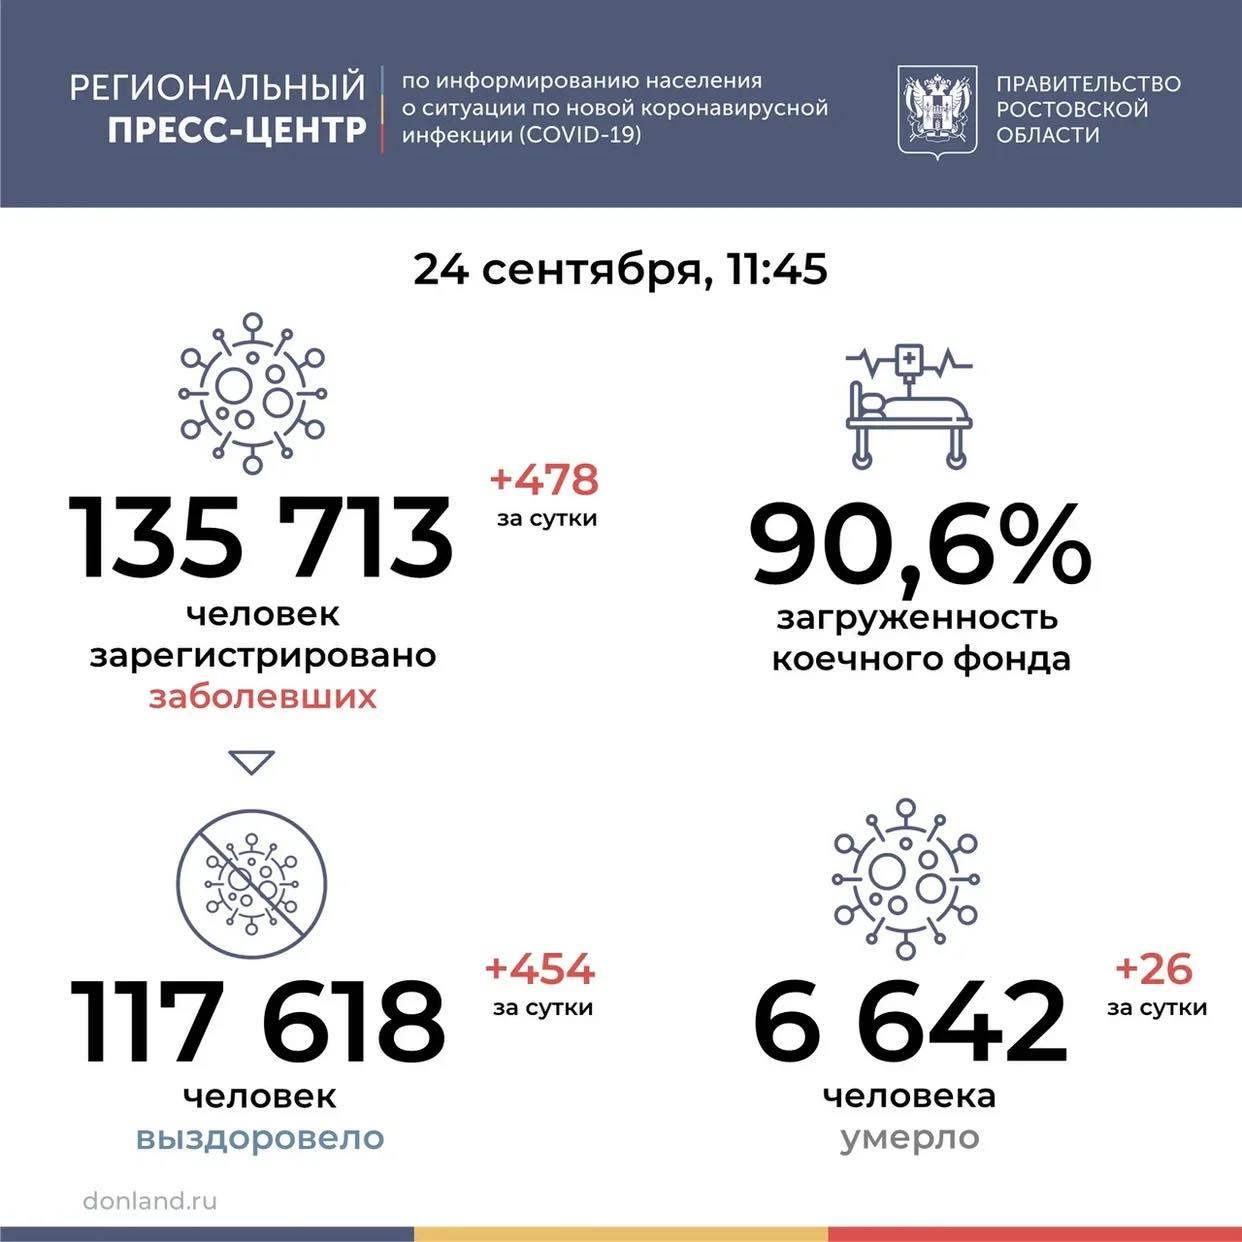 На Дону от COVID-19 умерли 26 человек